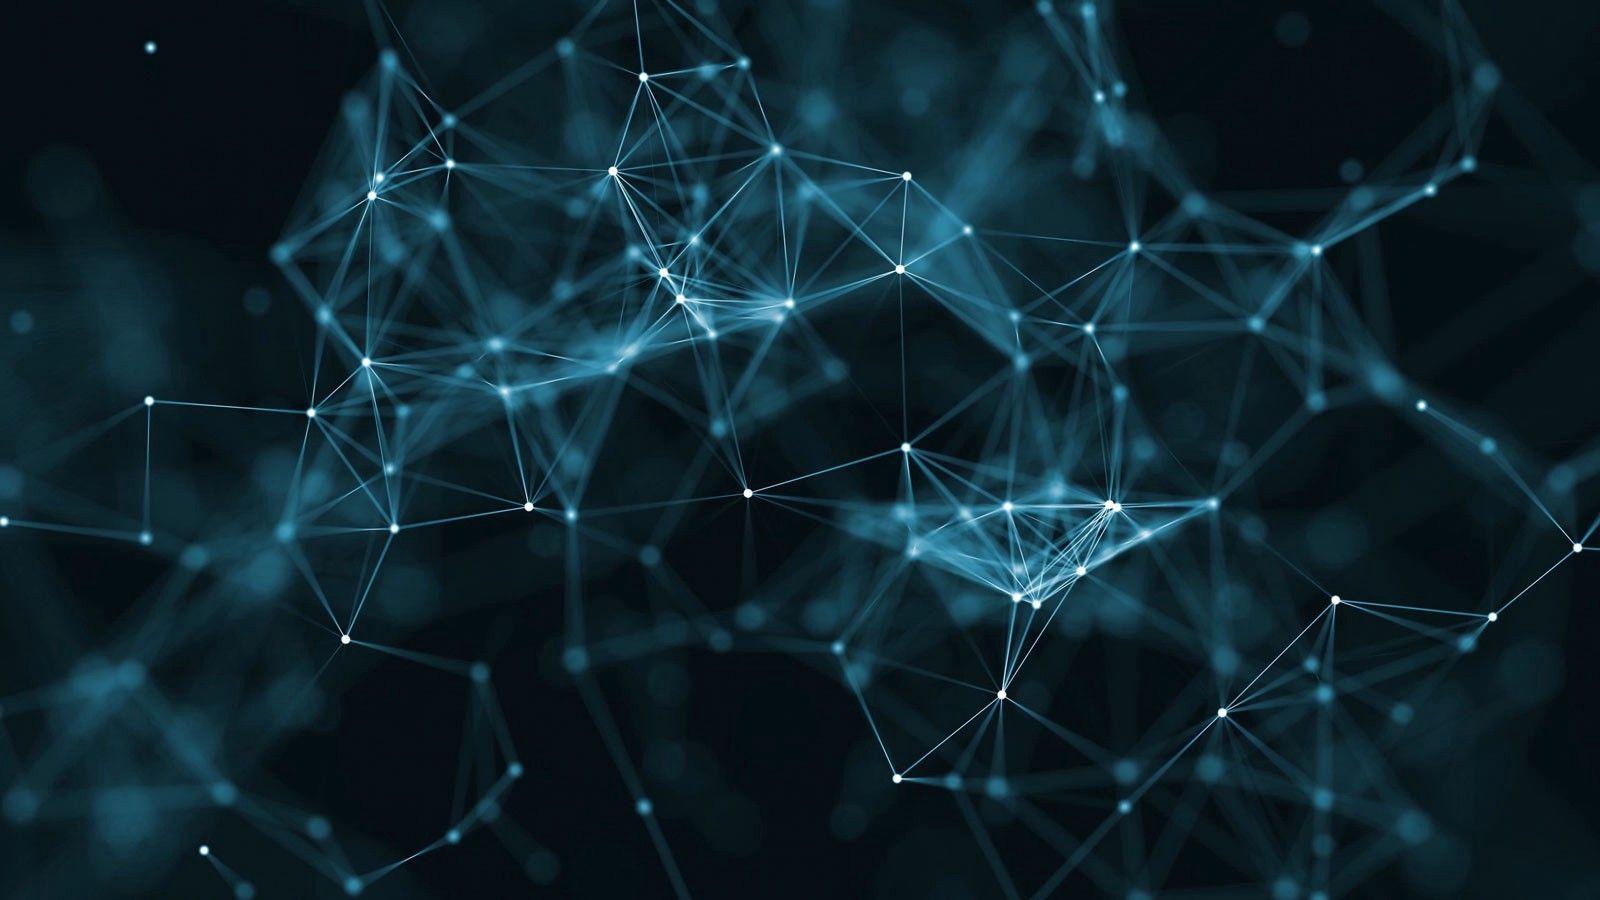 Según un estudio, la tecnología blockchain se encuentra entre las tecnologías emergentes con mayor demanda a nivel empresarial